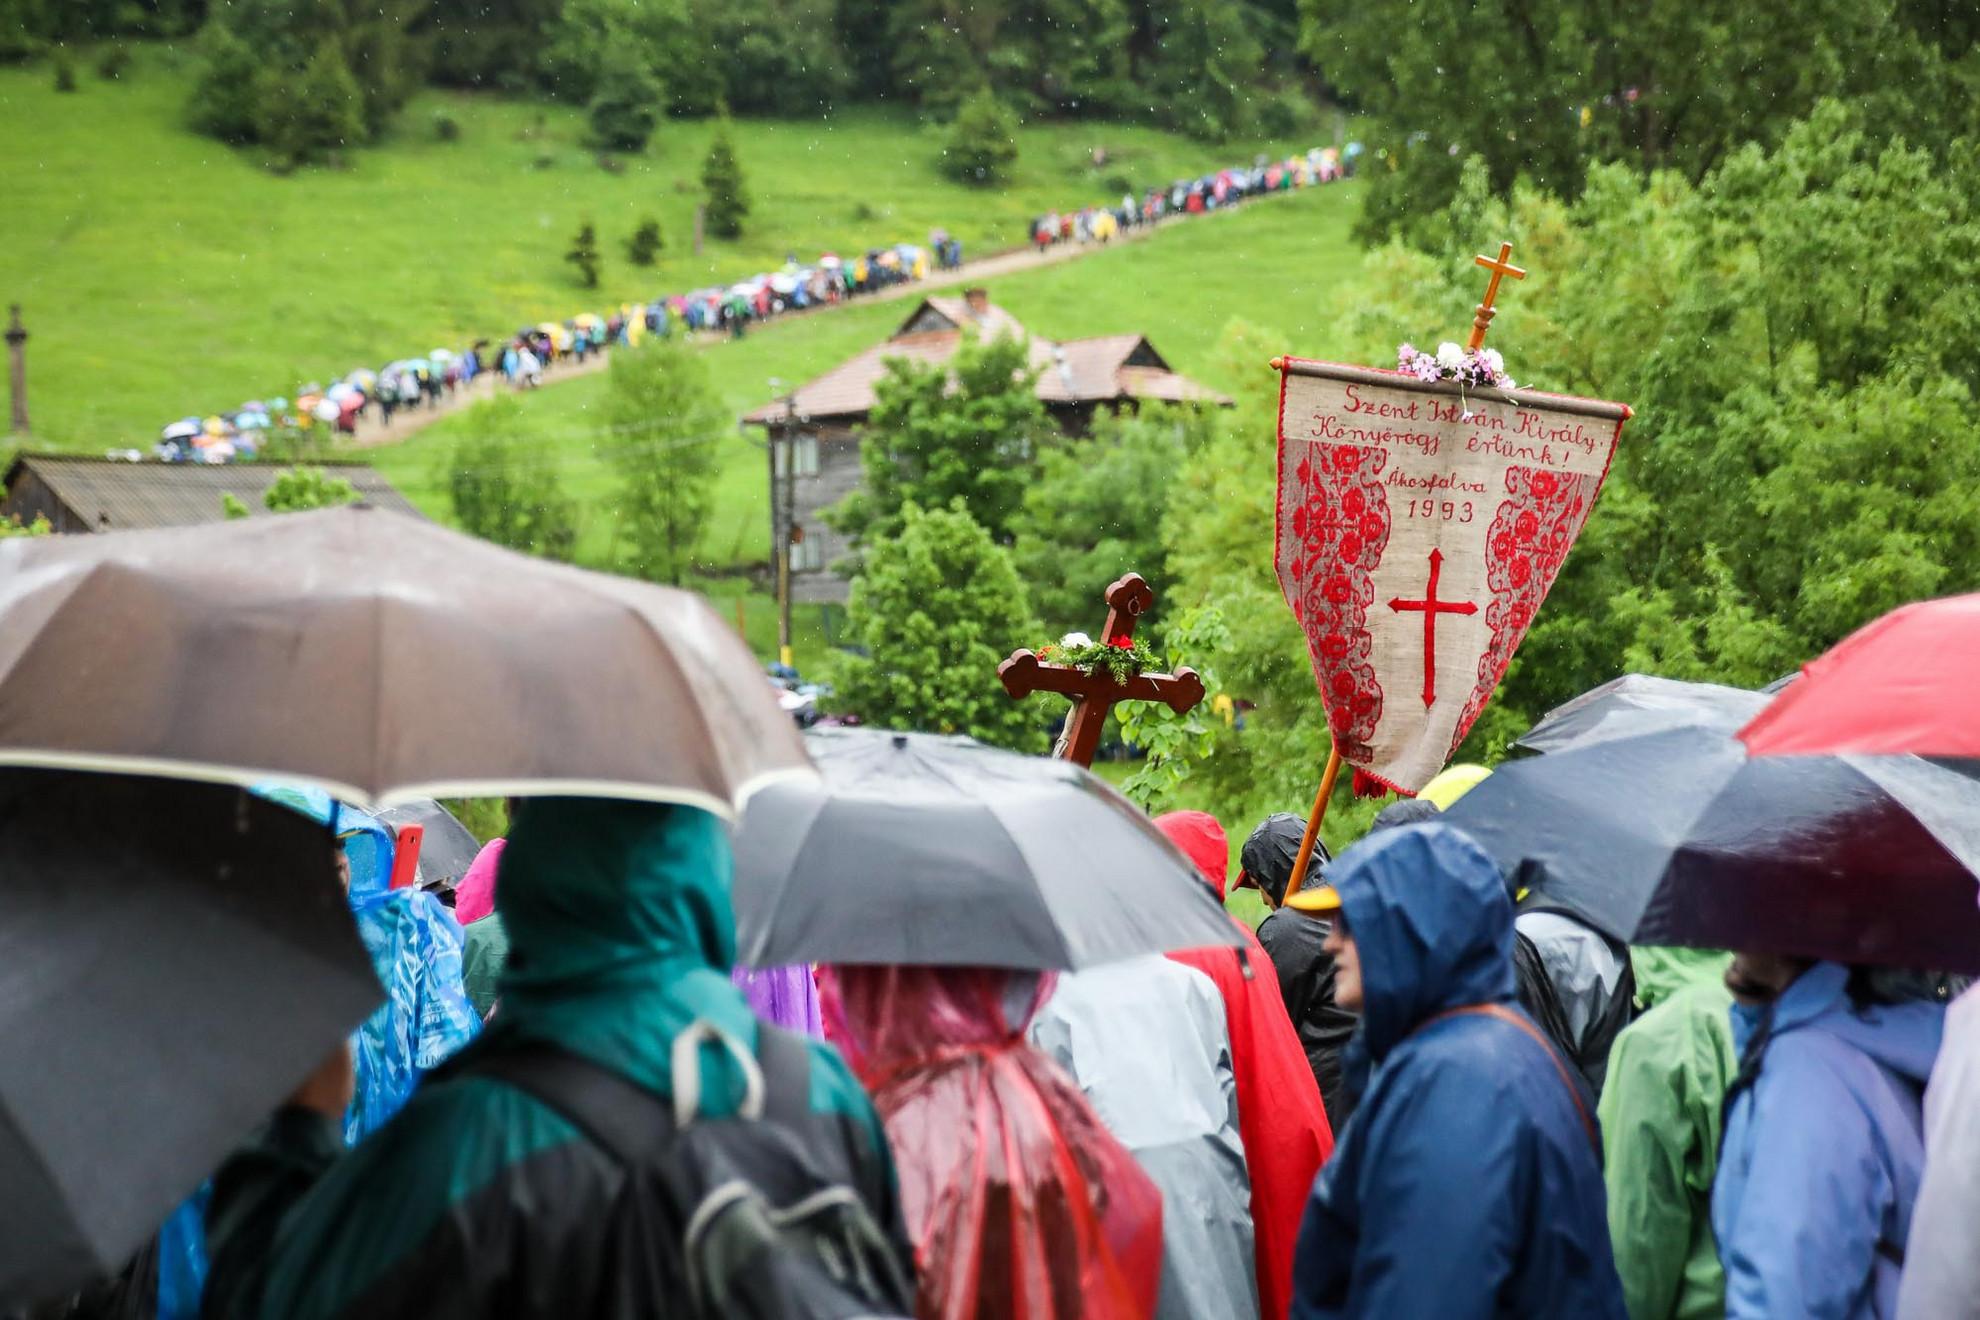 Az áldás szakadó eső formájában érkezett, így szükség volt az esernyőkre